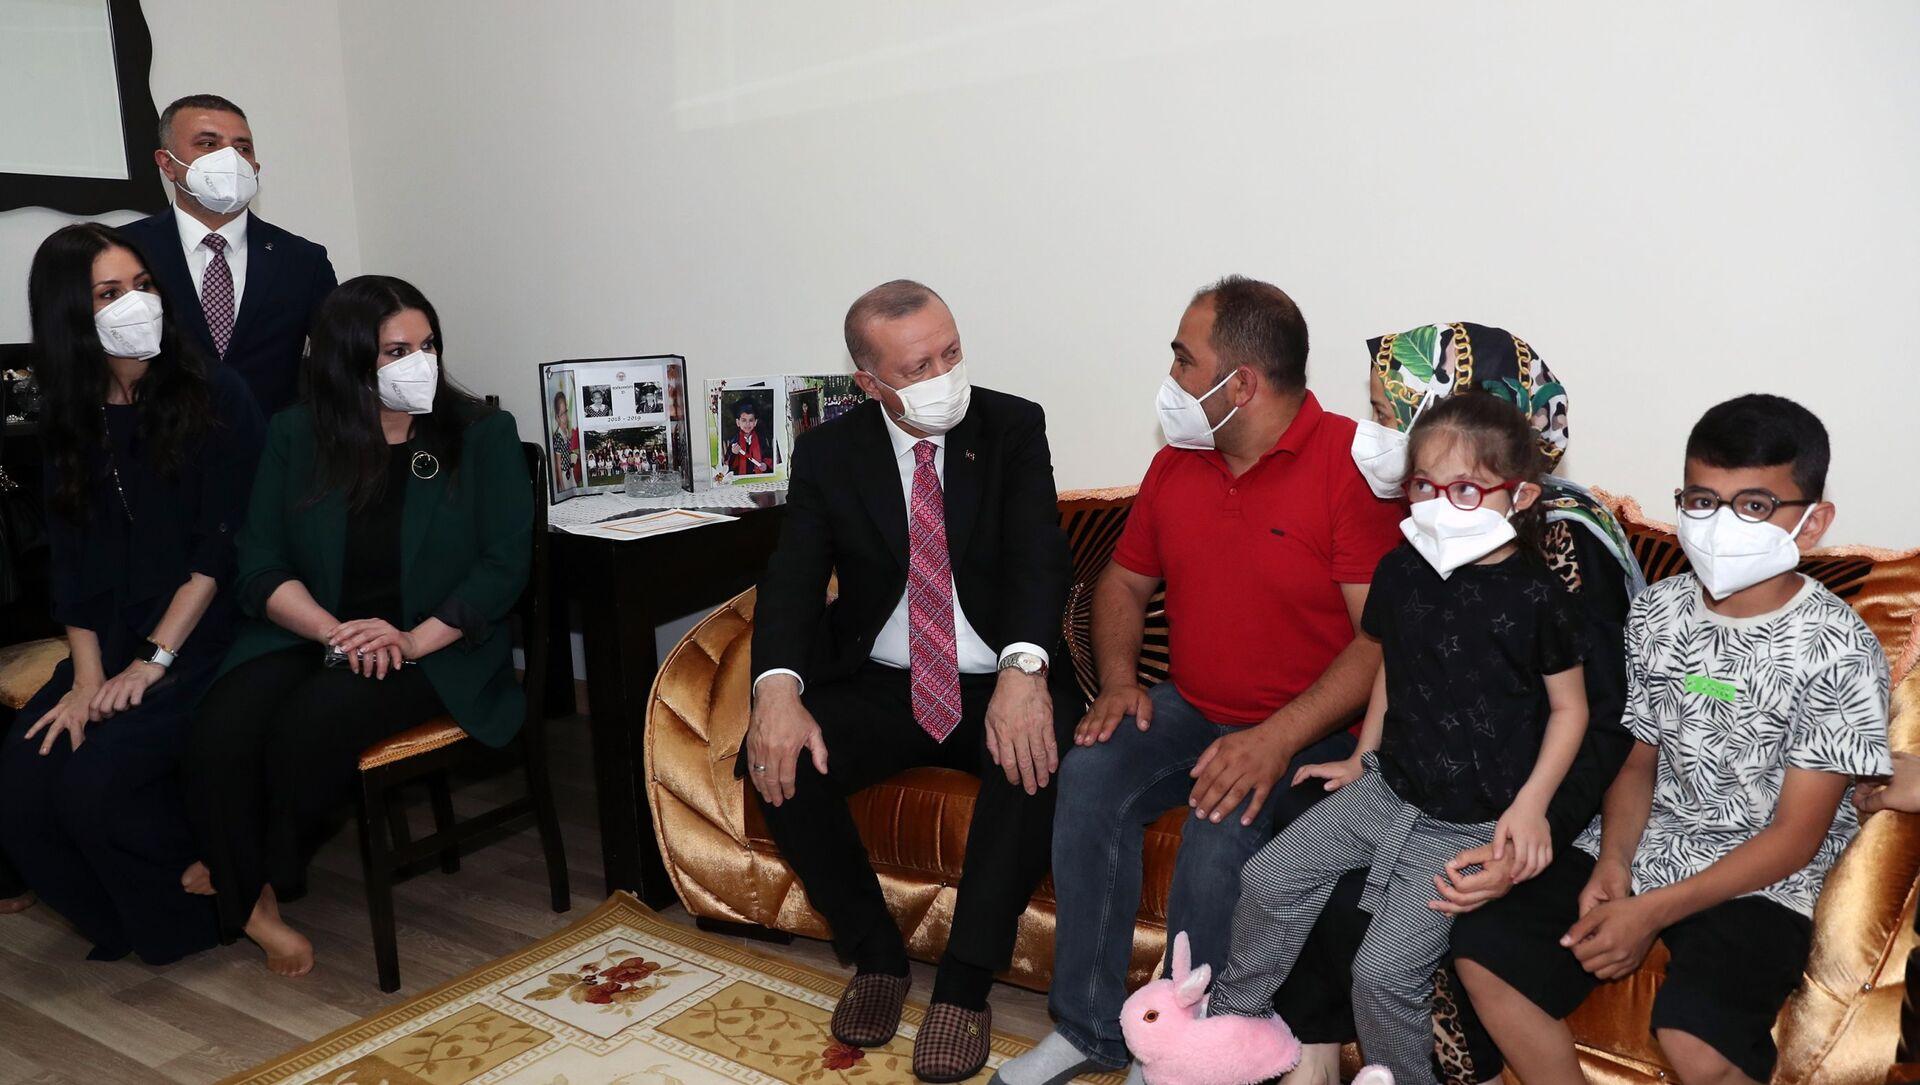 Cumhurbaşkanı Erdoğan, konuk olduğu ailenin doğacak bebeğinin ismini koydu - Sputnik Türkiye, 1920, 07.07.2021